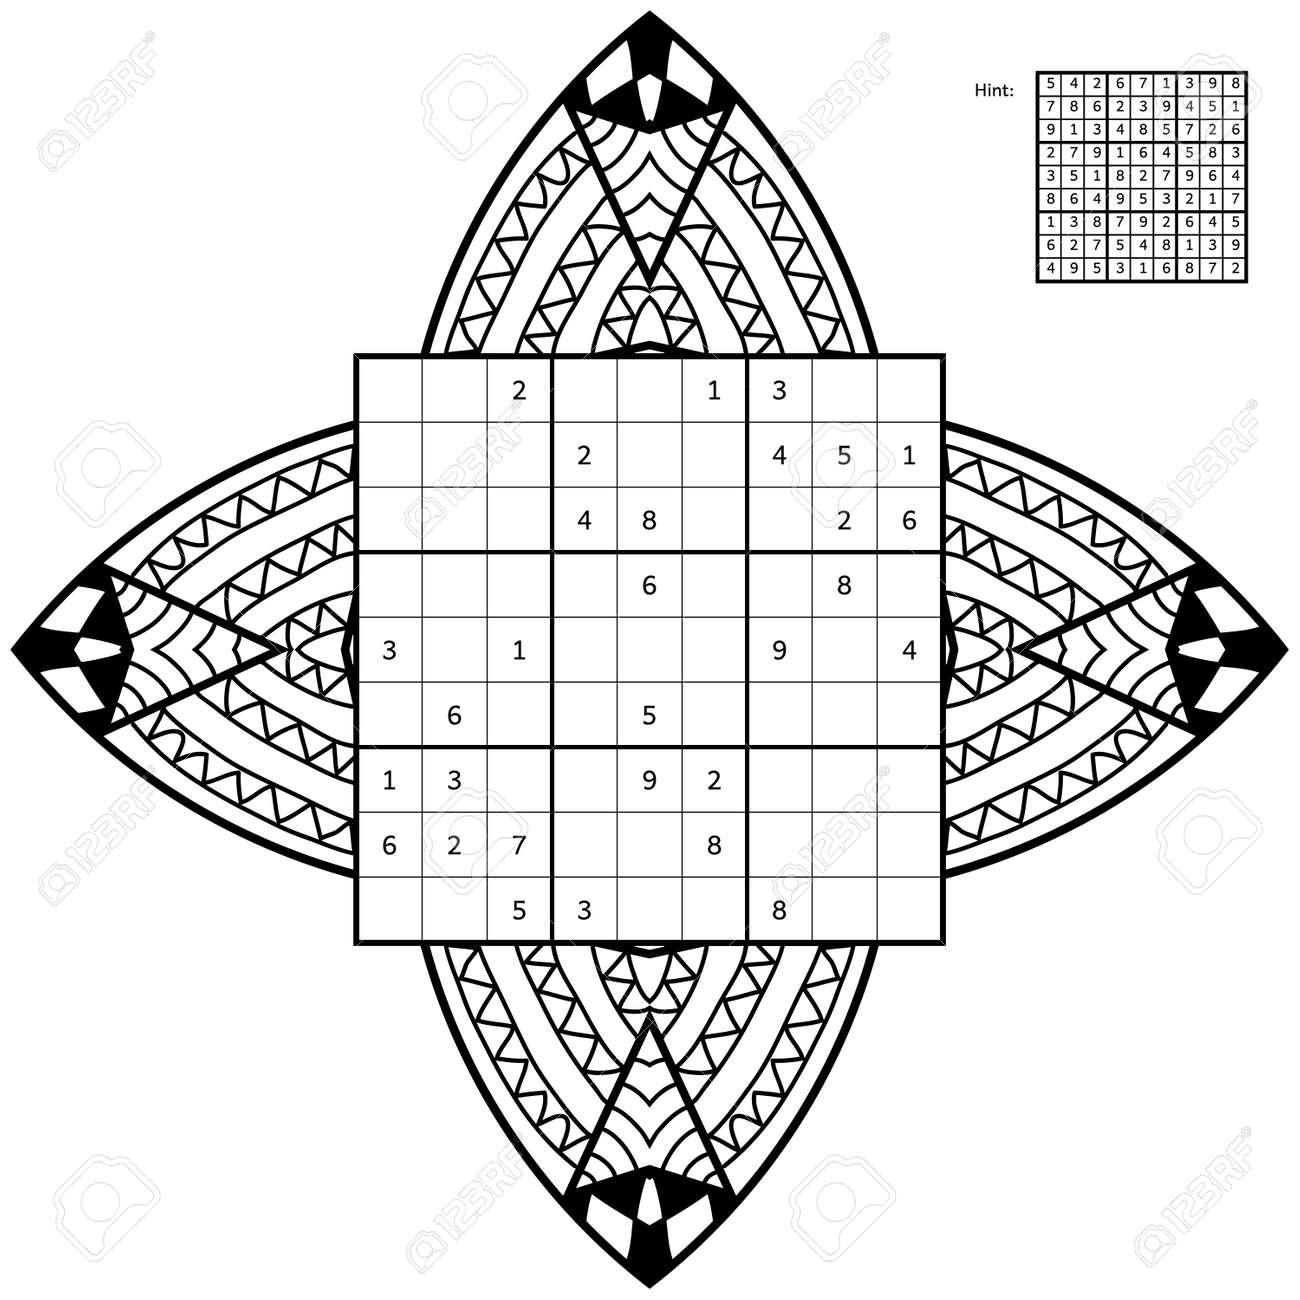 Coloriage Nombre.Sudoku Avec Une Solution Et Antistress Livre De Coloriage Carre